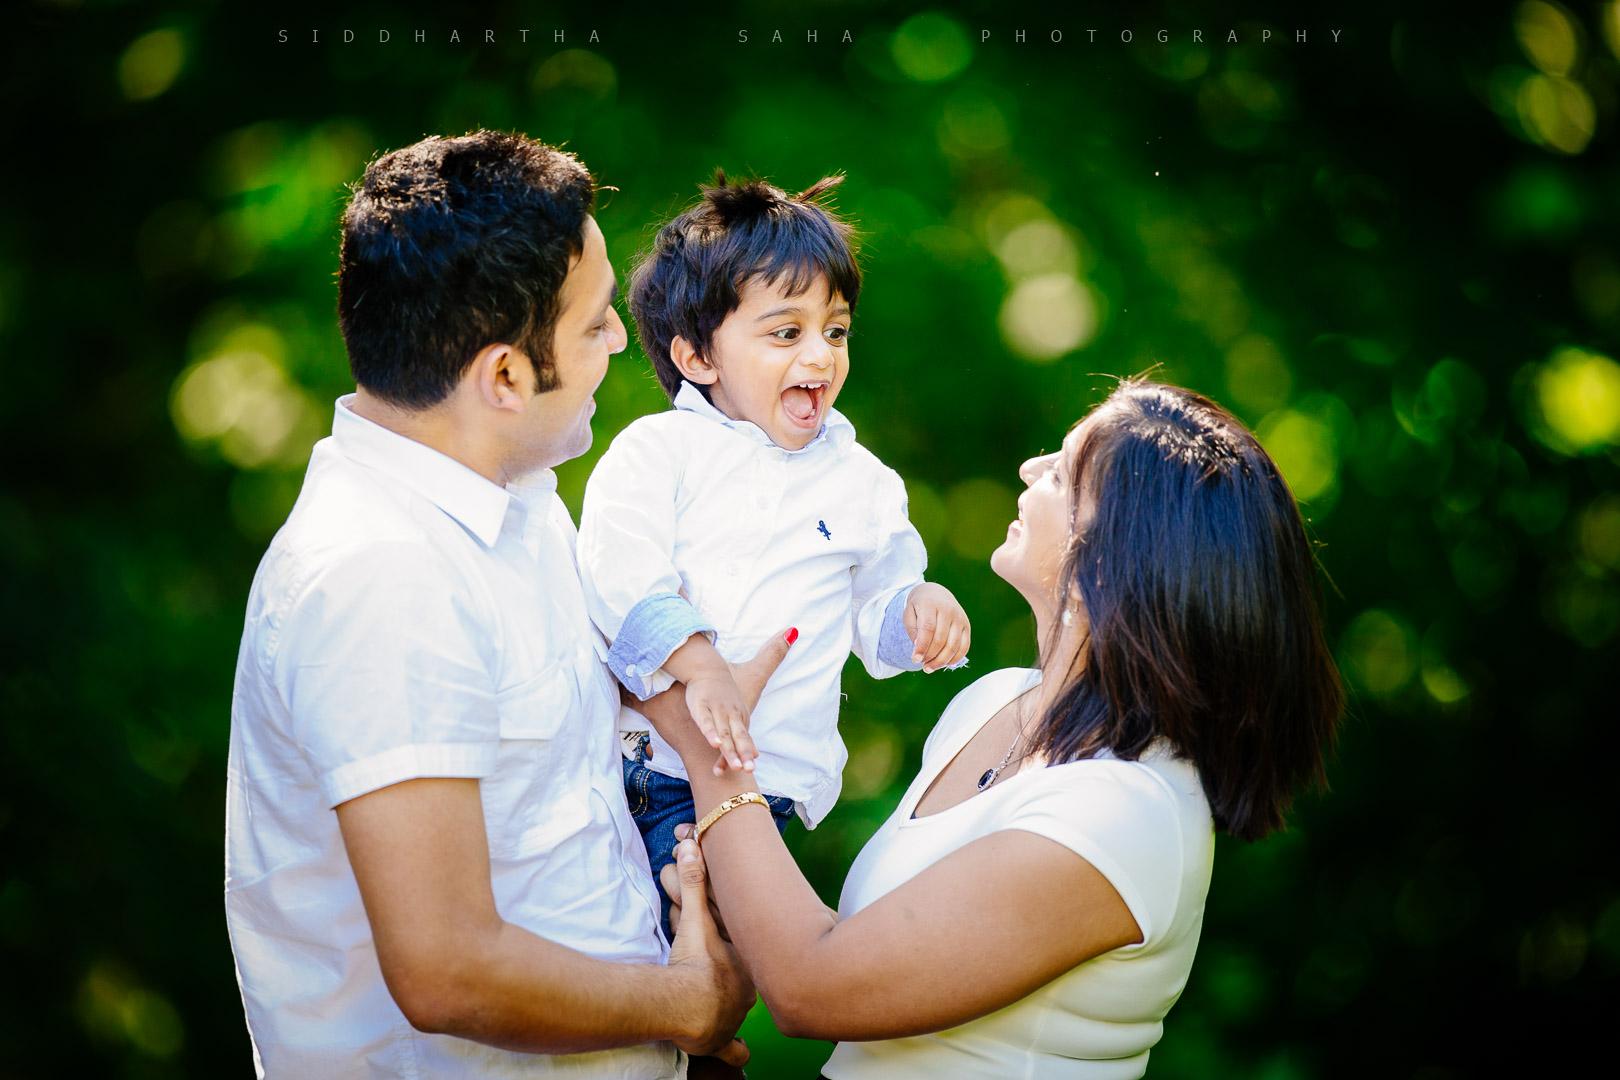 2015-06-14 - Ranjani Naveen Vihaan Photoshoot - _05Y6485